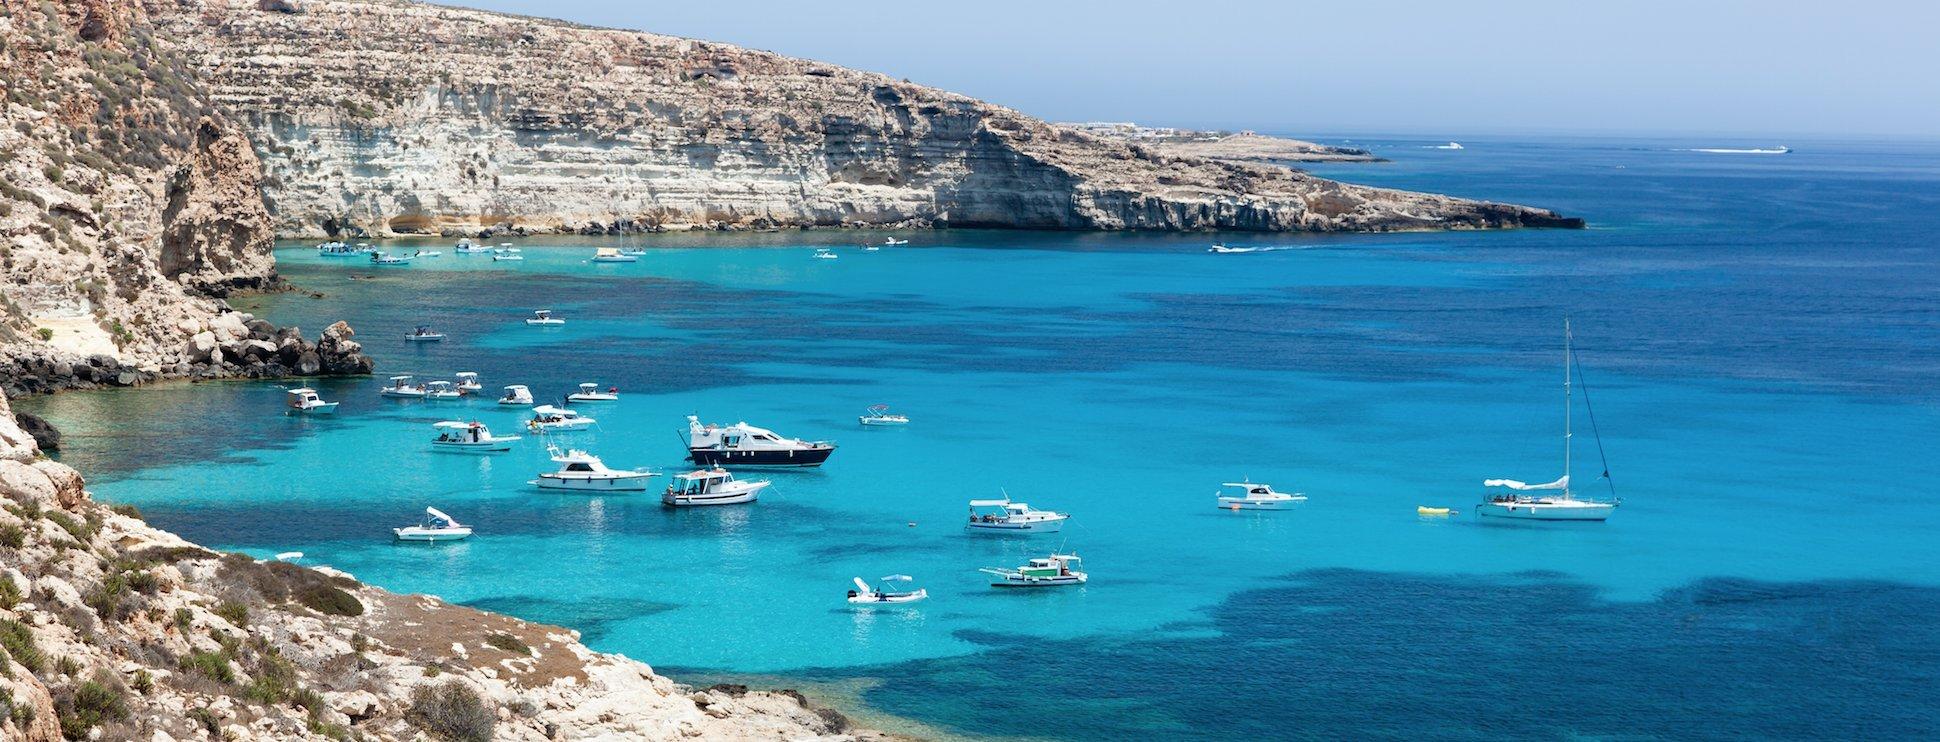 lampedusa-yacht-charter-lampedusa-boat-hire-lampedusa-boat-trip-lampedusa-sailing-yacht-charter-lampedusa-